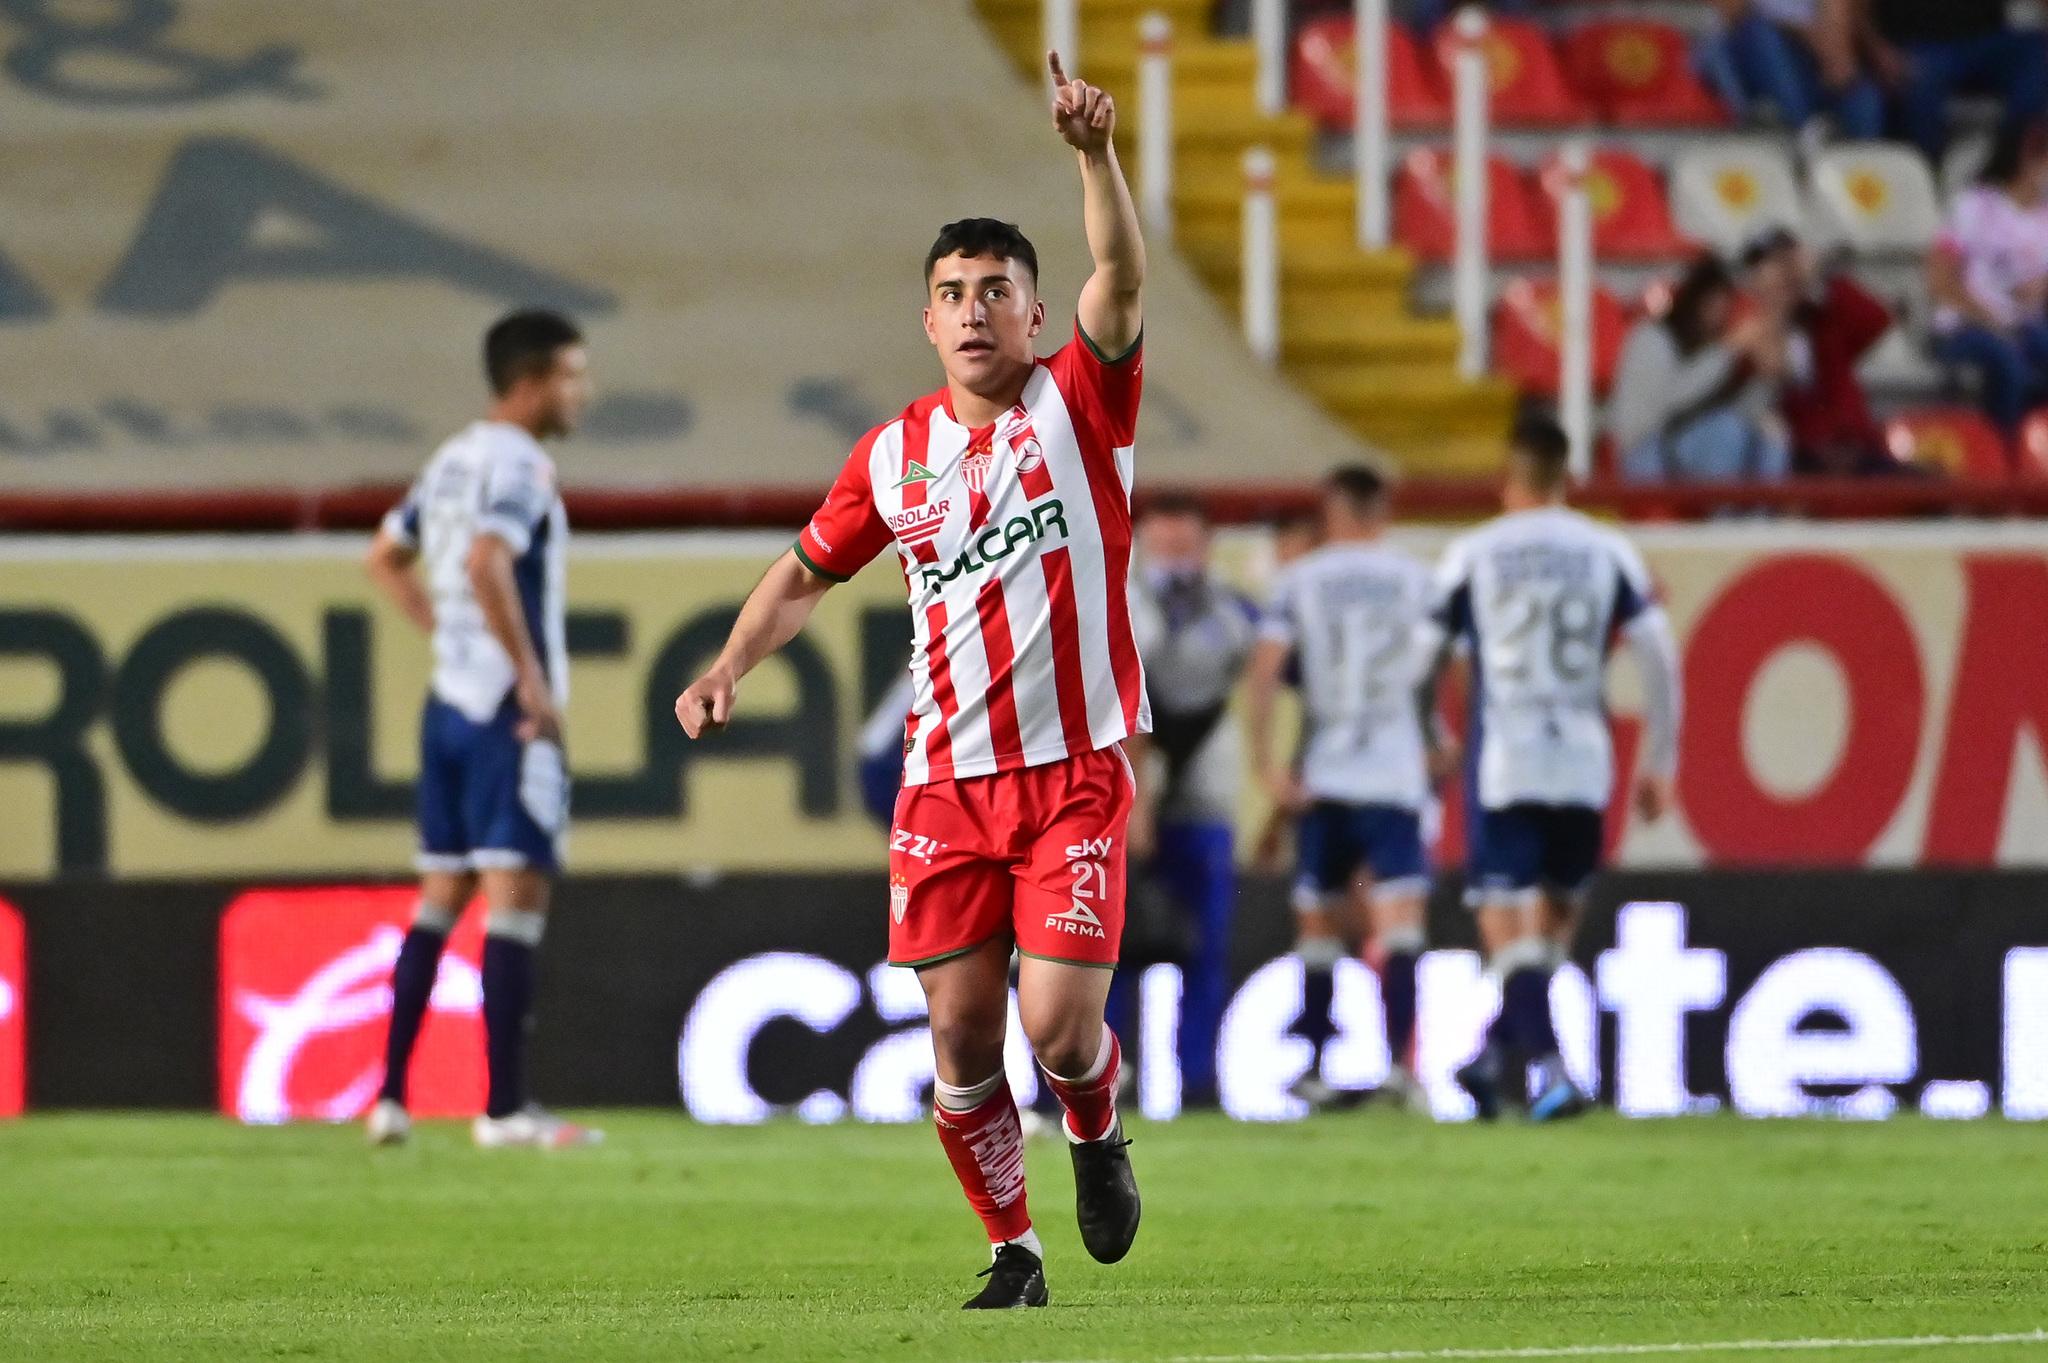 Fútbol de Estufa Liga MX: Todos los rumores de altas y bajas del fútbol mexicano hoy 30 de mayo